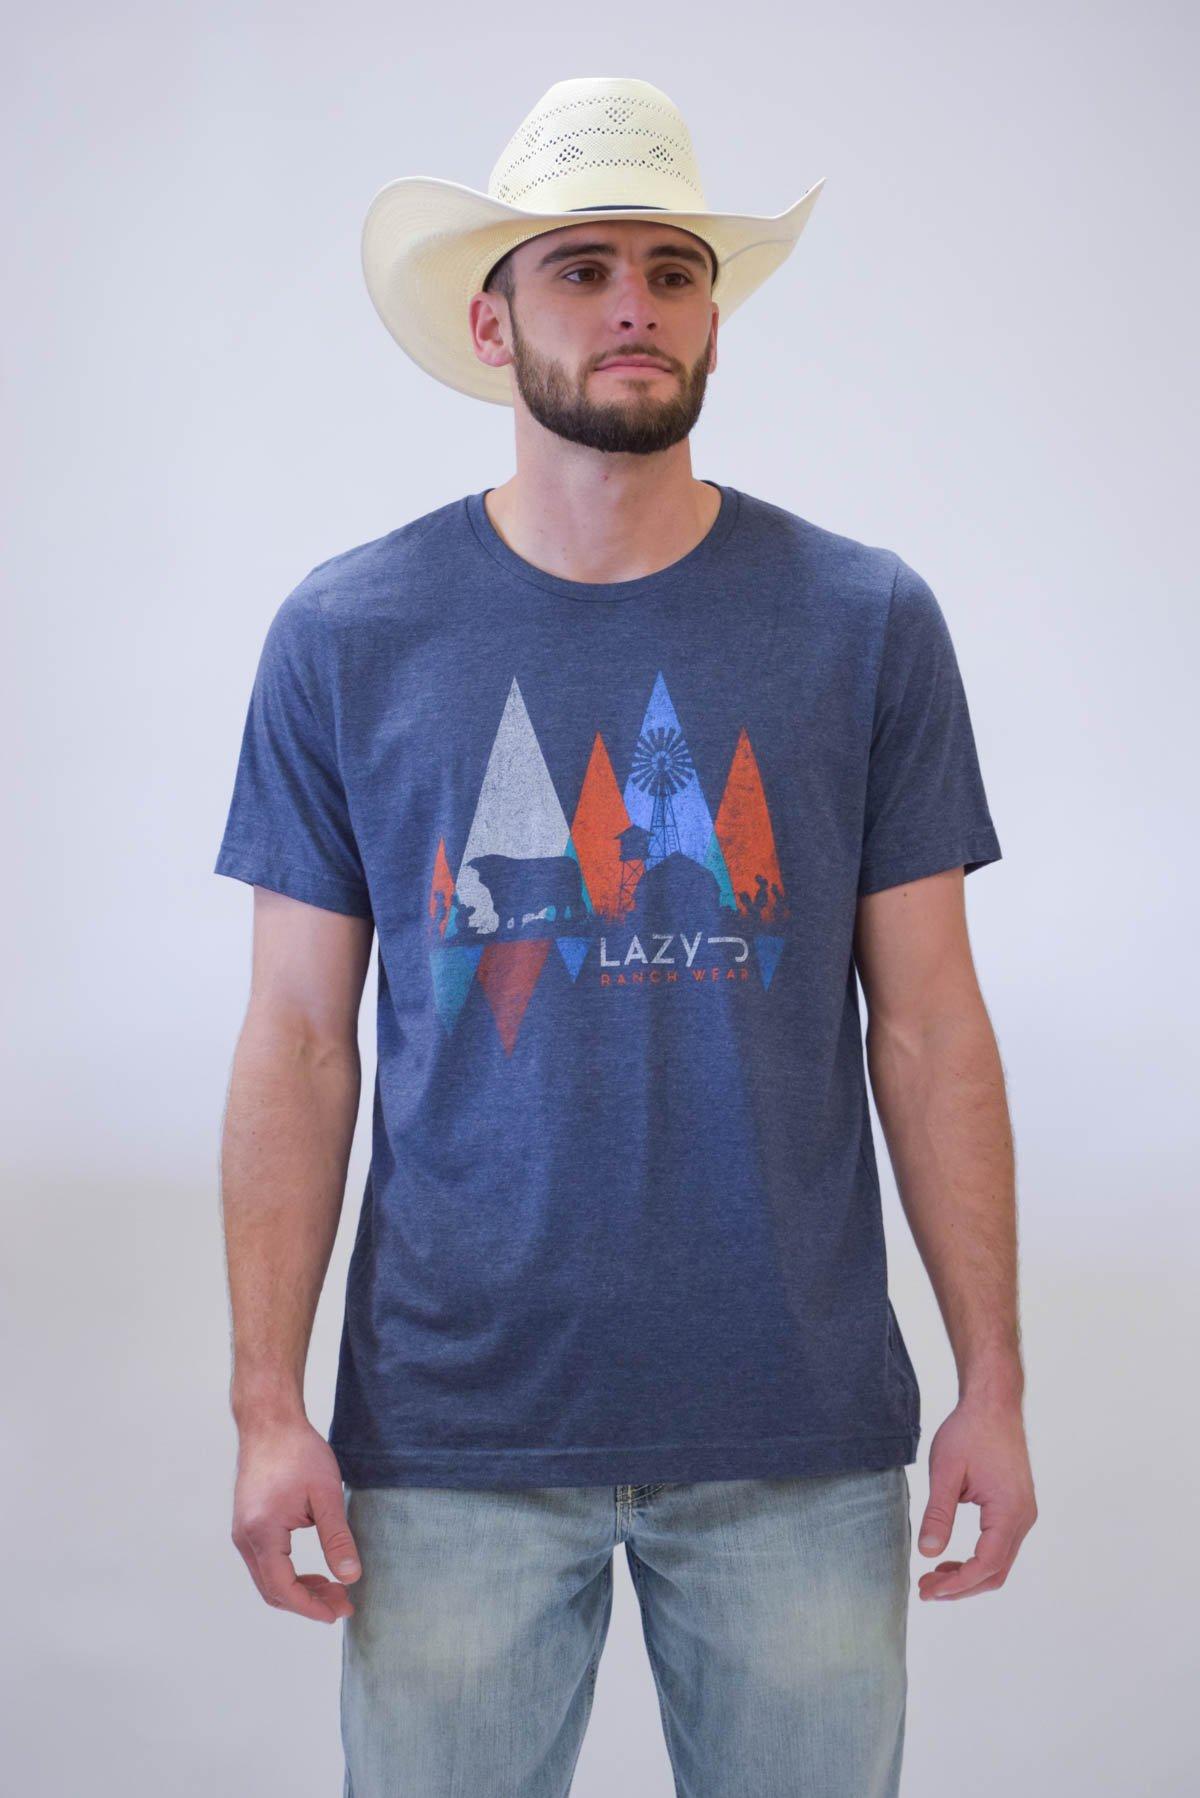 Lazy J Windmill Triangle Navy Short Sleeve T Shirt | Mens